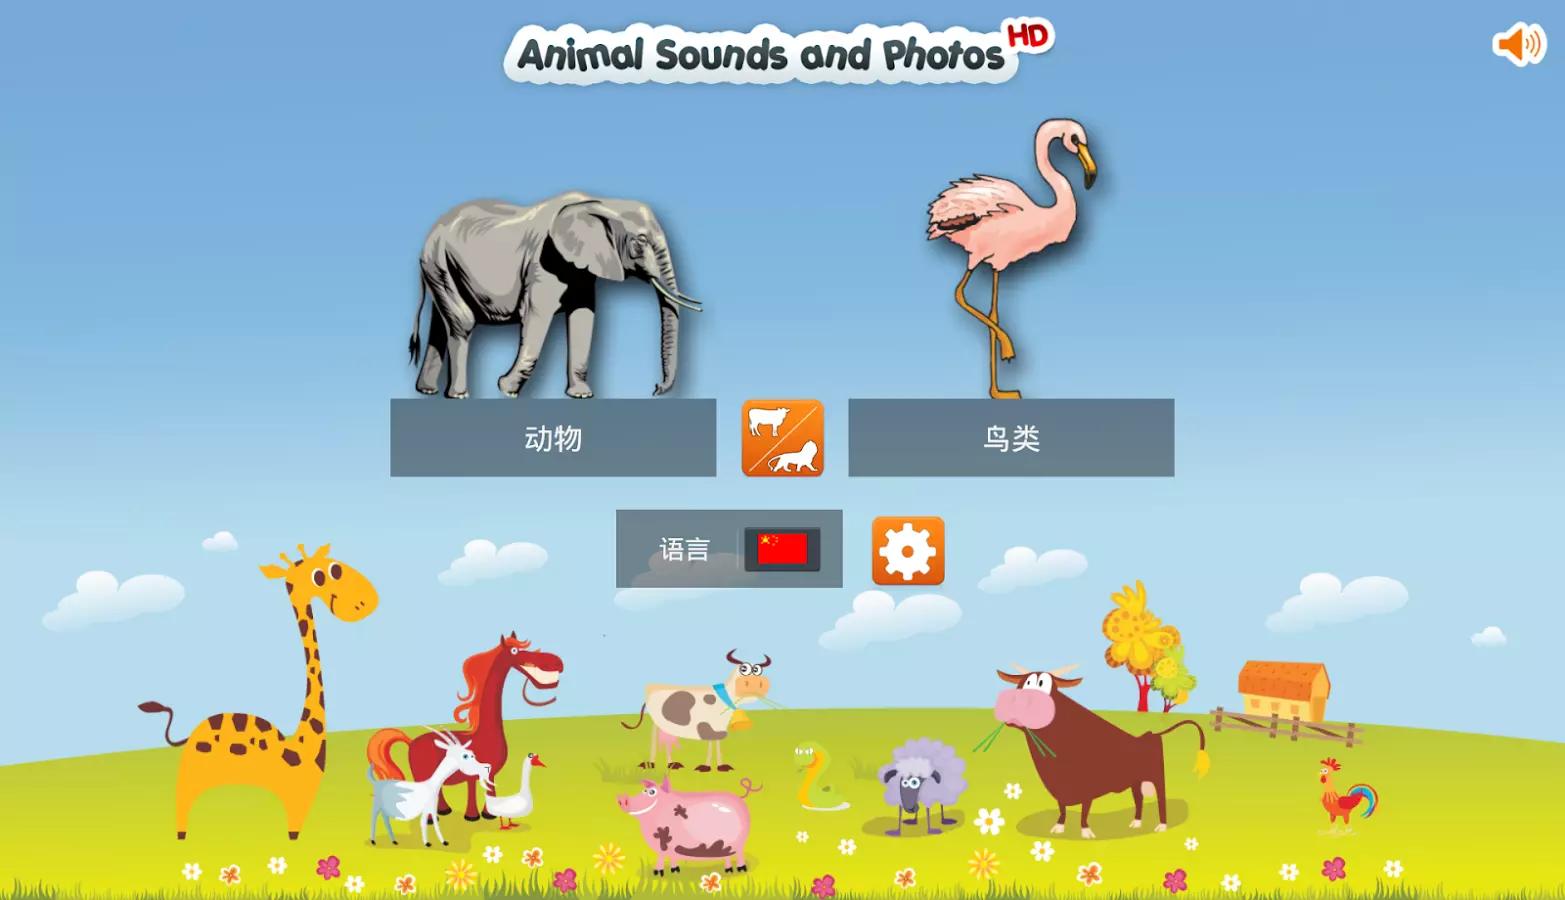 这里有110种动物的声音和图片